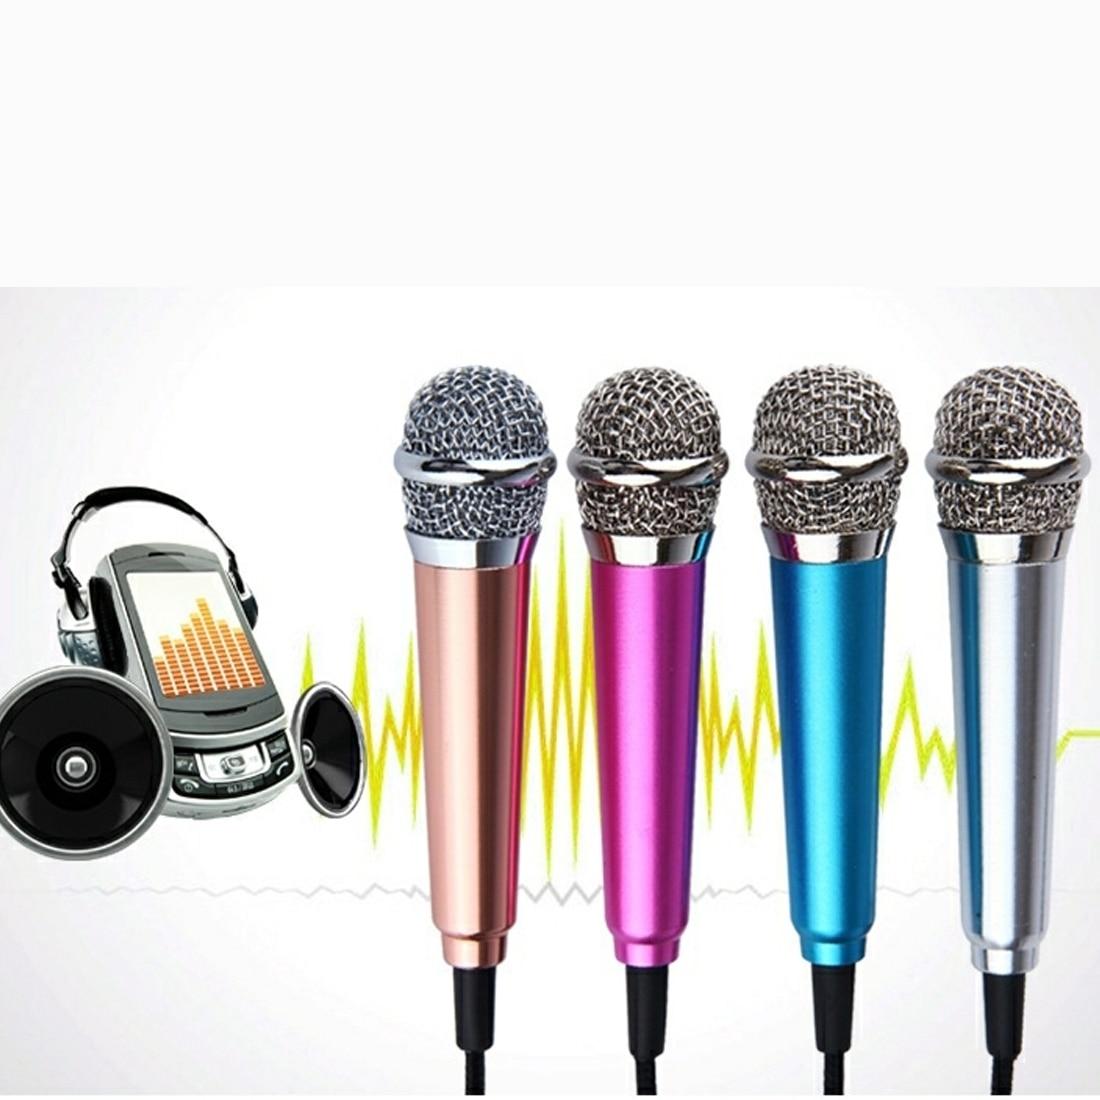 Портативная мини-Речевая стереосистема Marsnaska 3,5 мм, аудиомикрофон для телефона/смартфона, аксессуары для рабочего стола